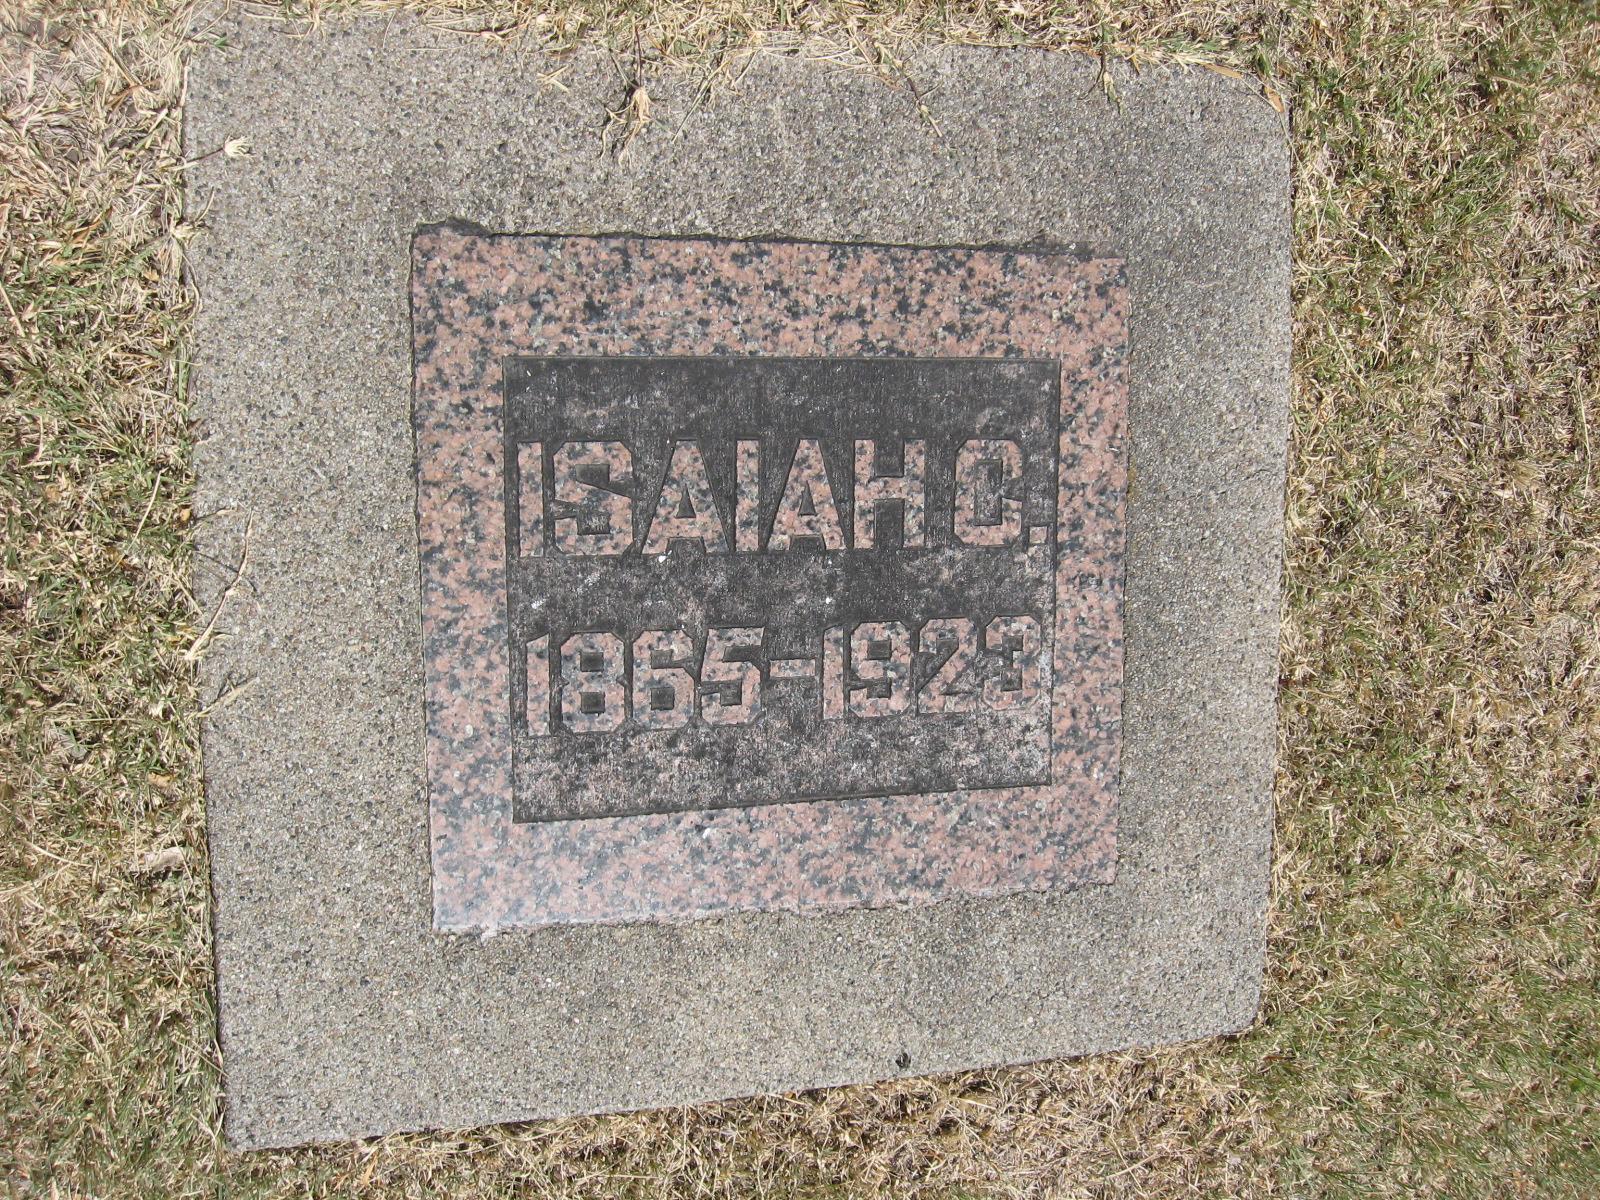 Sheriff Isaiah C.